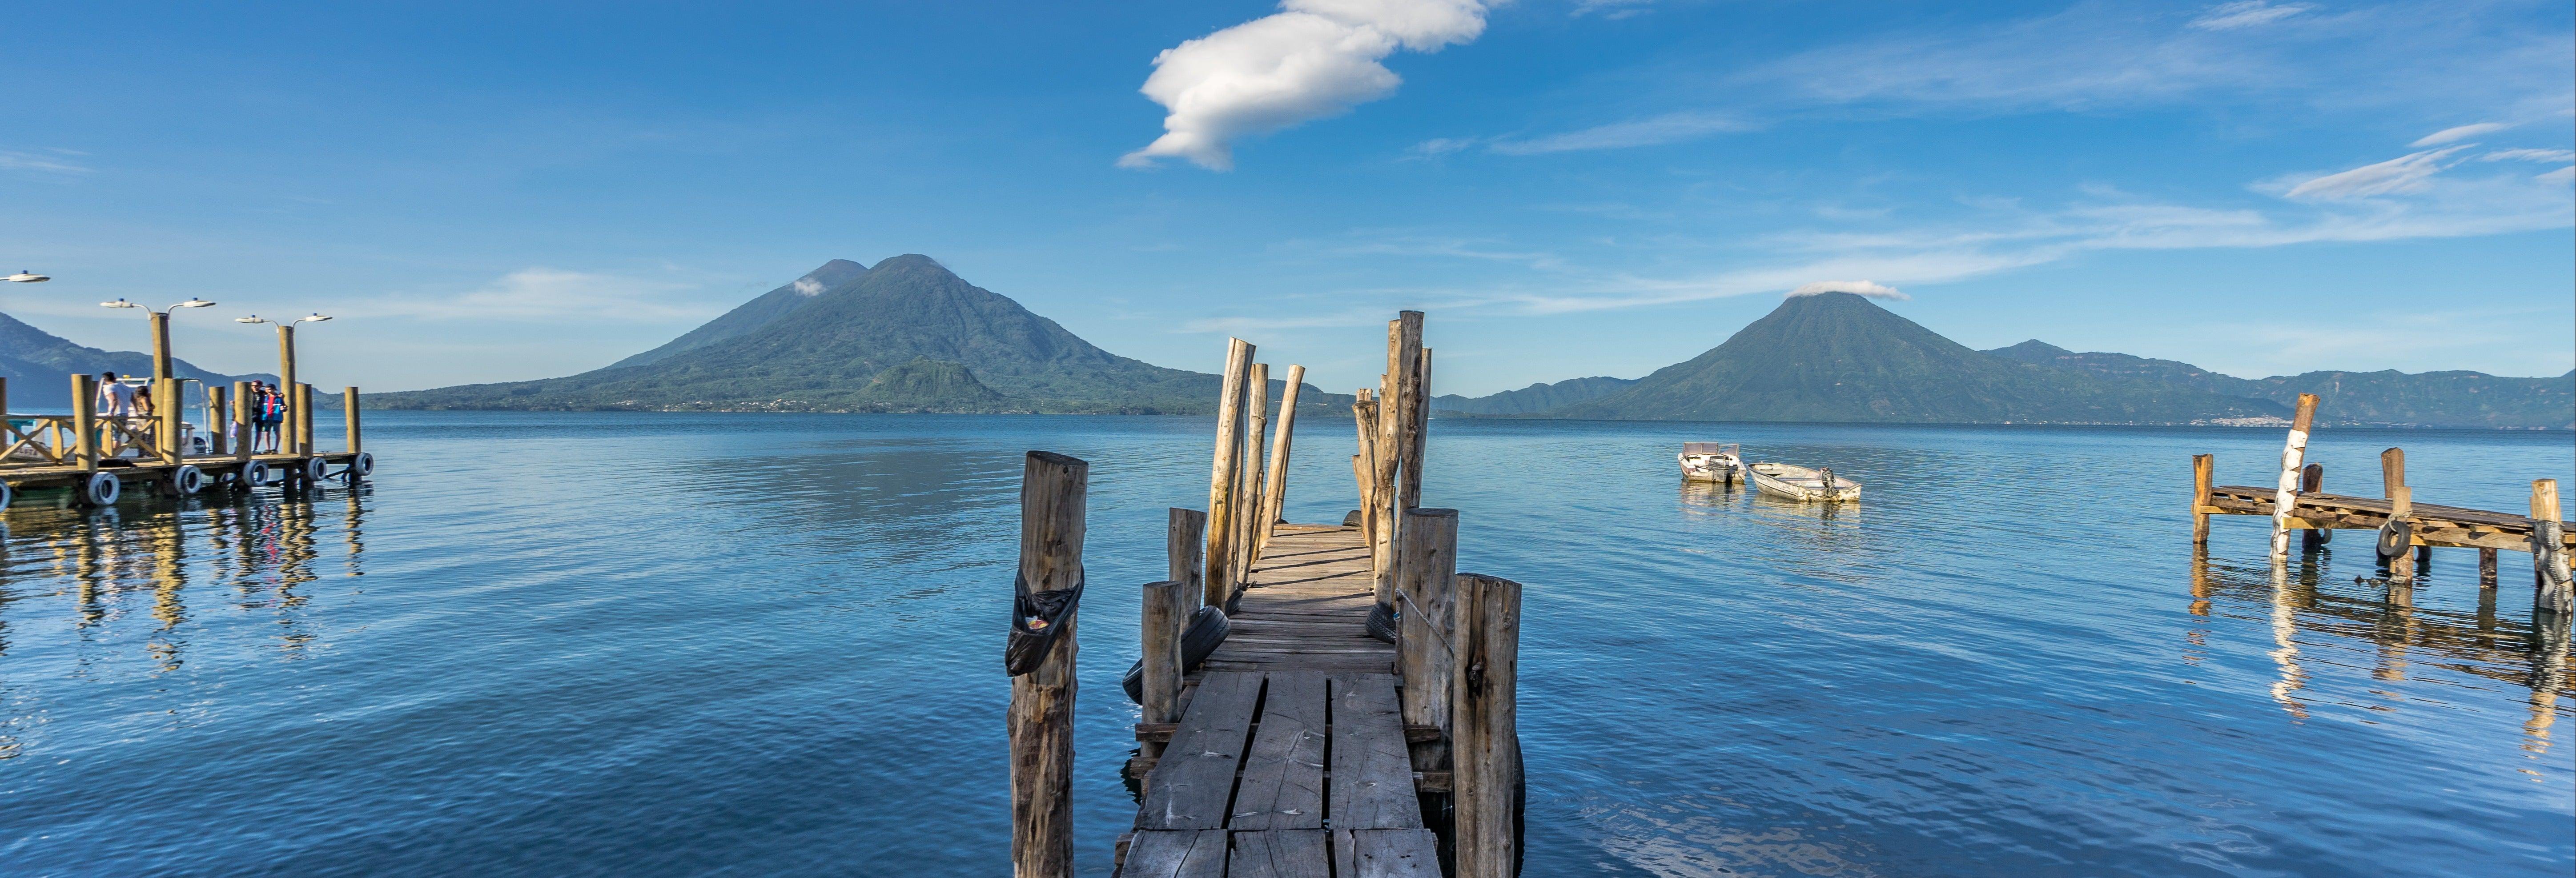 Tour de 2 días por el lago Atitlán y Chichicastenango